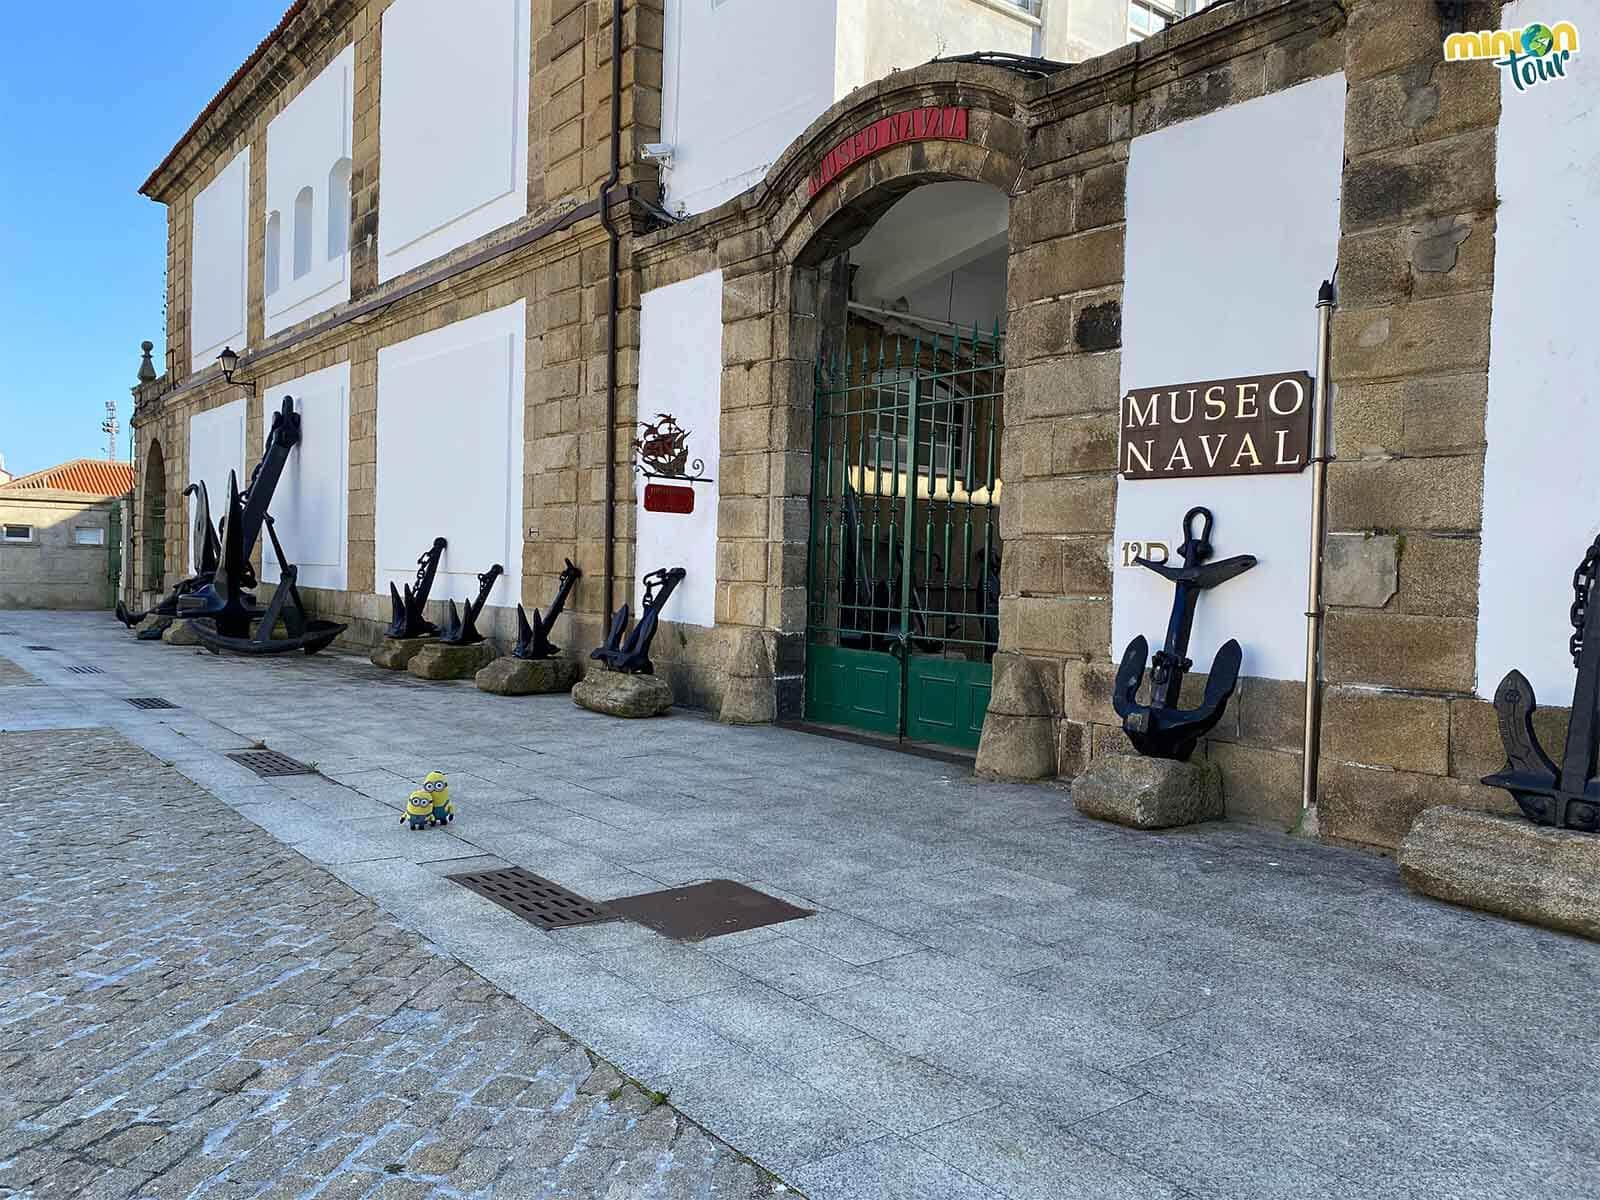 Acabamos de llegar a Ferrol y esto ya promete